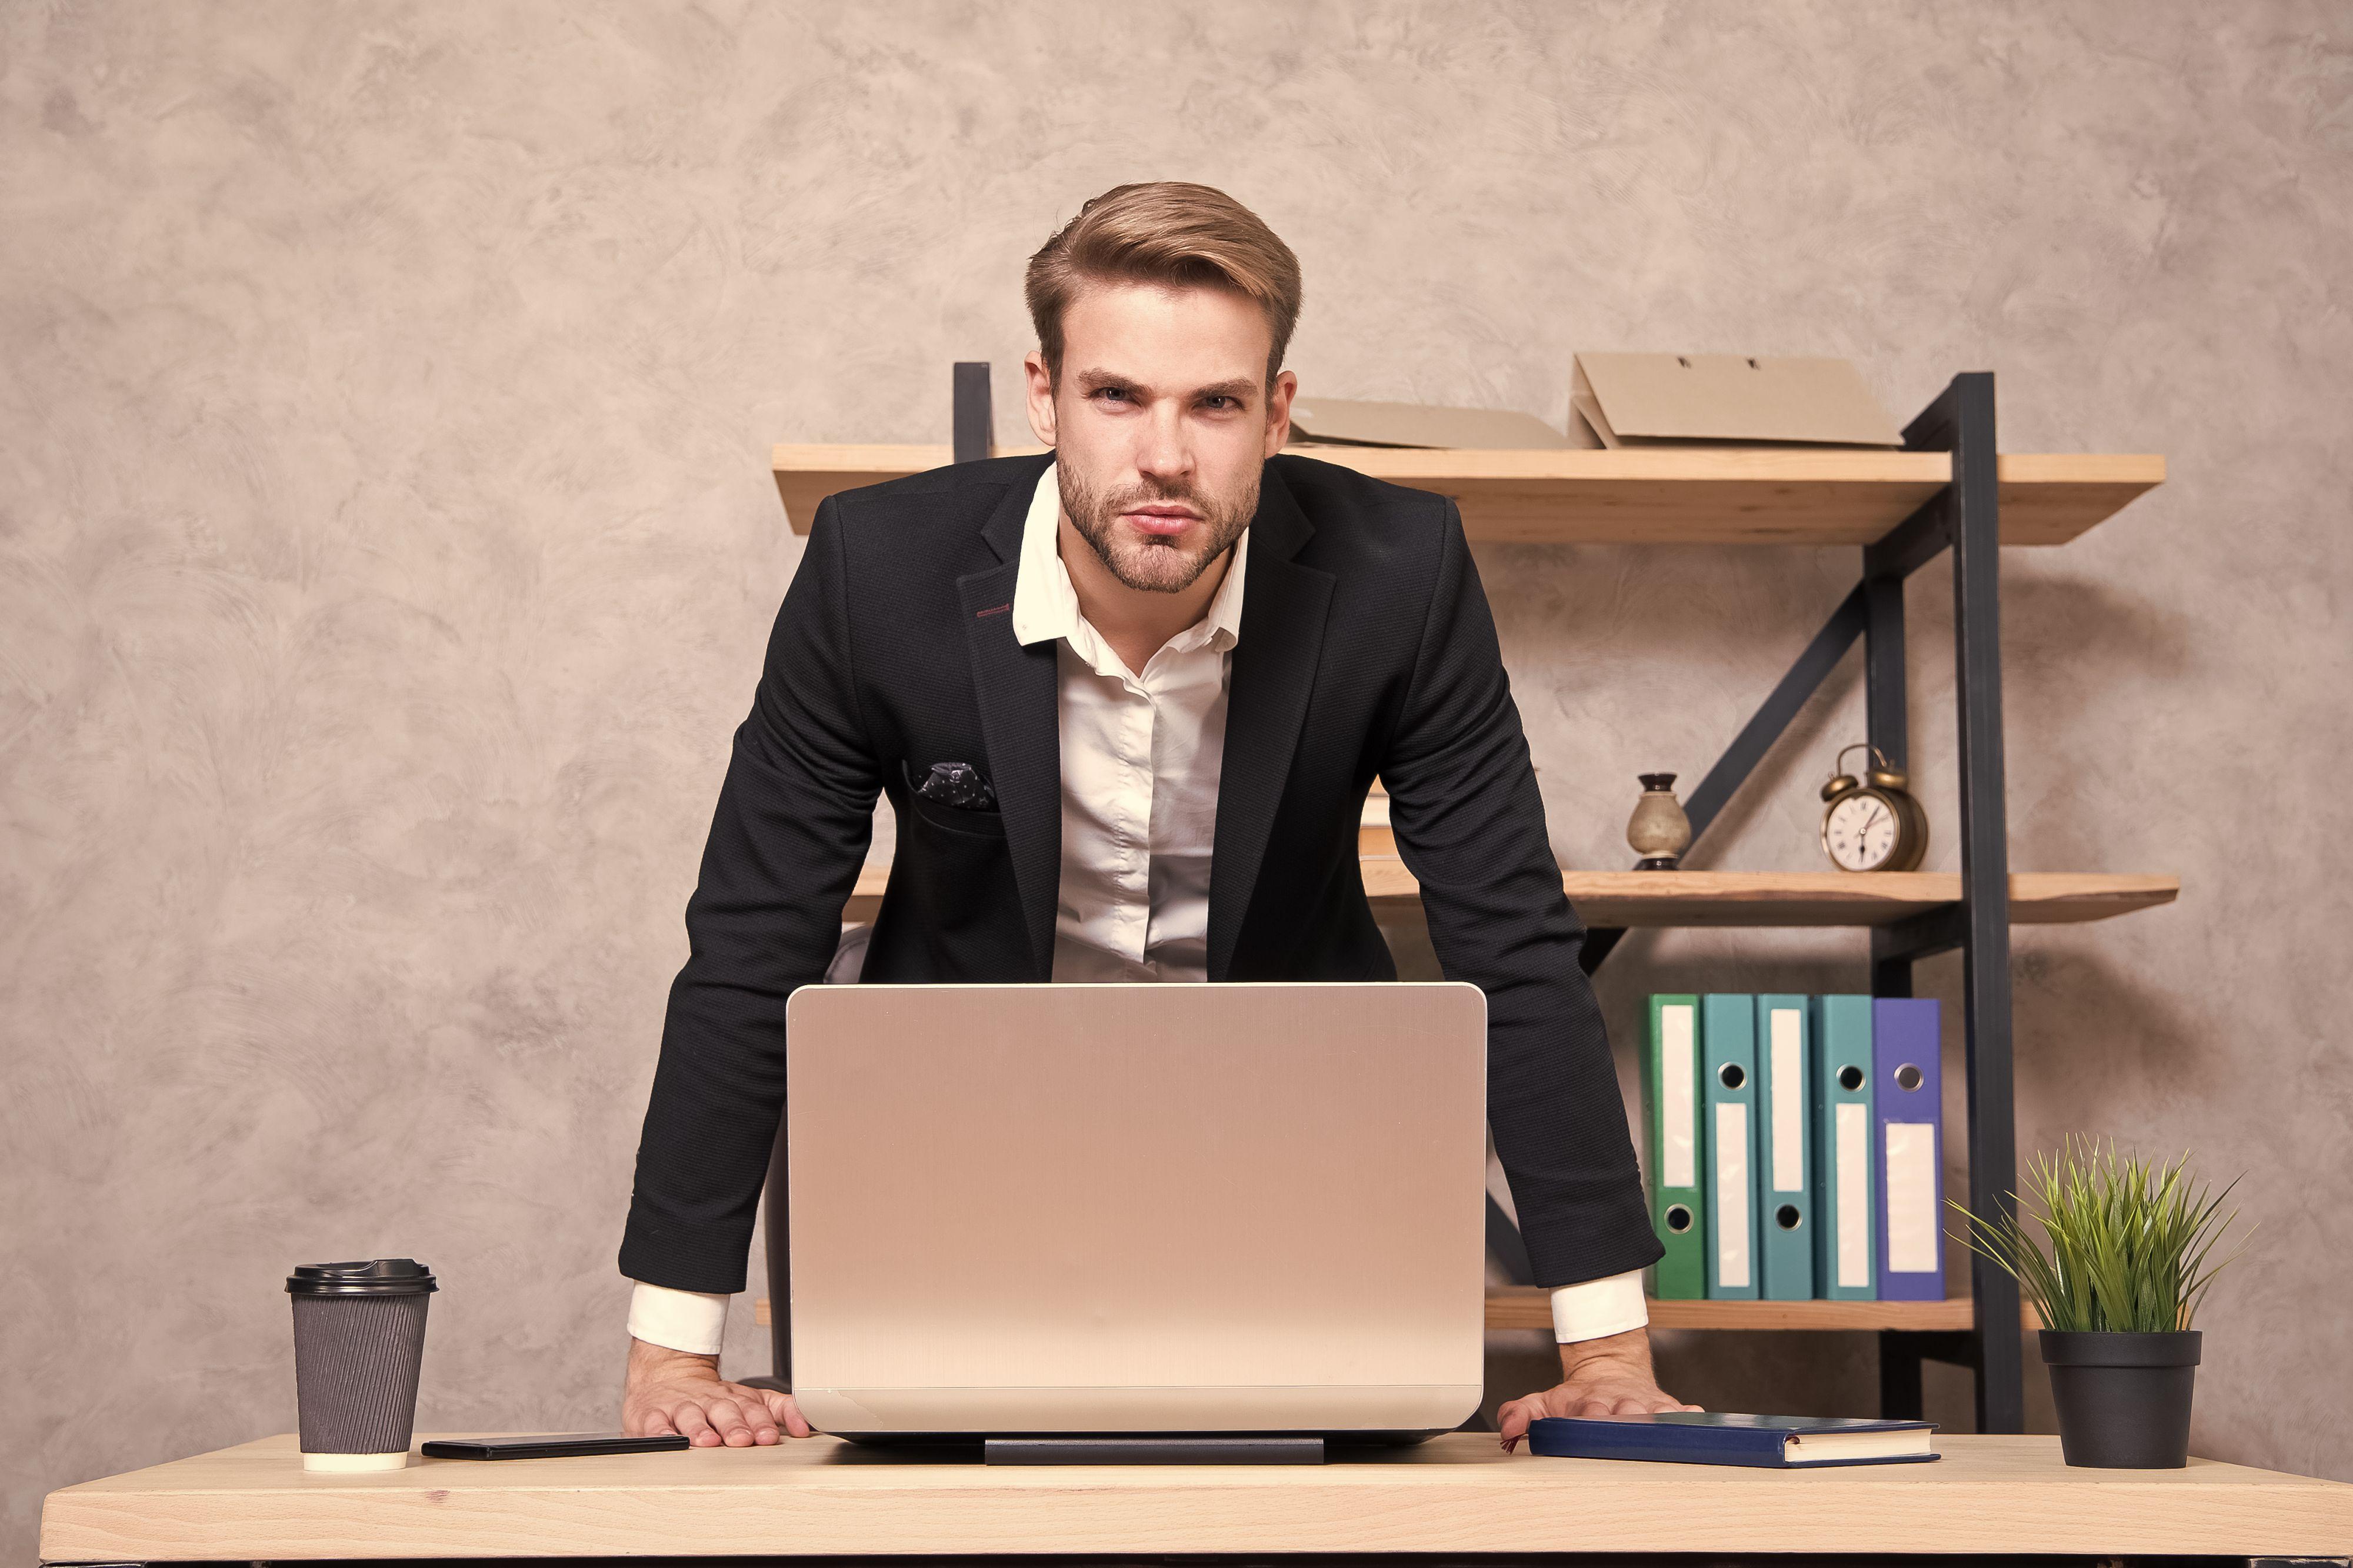 Szefowie mogą mieć rys osobowości psychopatycznej – wówczas nie są antyspołeczni (Fot. Shutterstock)